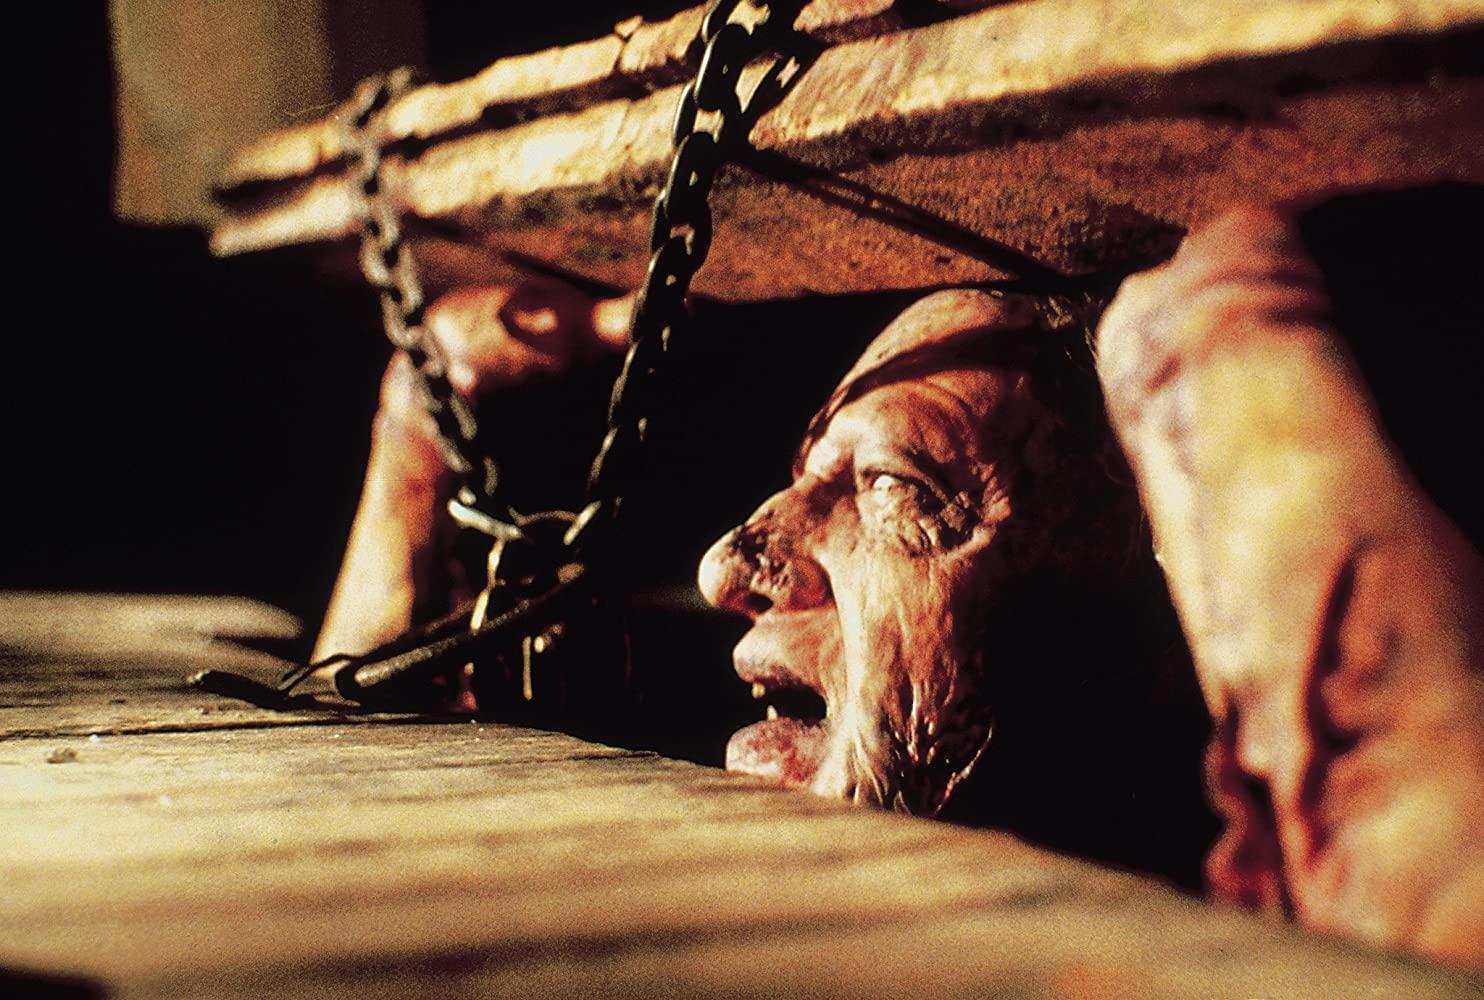 [NEWS] Lee Cronin dirigerà il prossimo Evil Dead